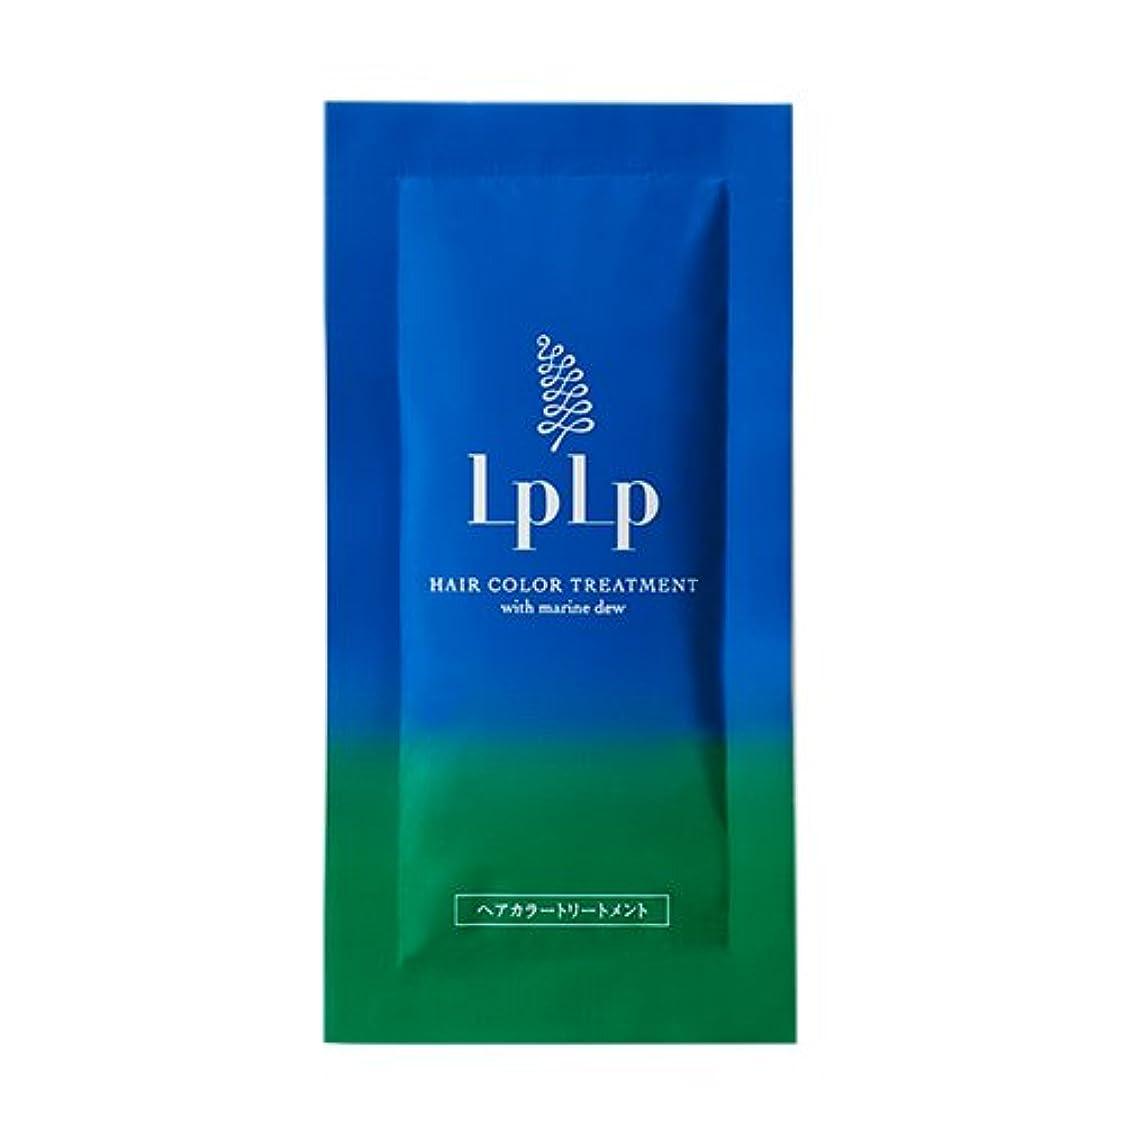 穏やかな相対性理論承認LPLP(ルプルプ)ヘアカラートリートメントお試しパウチ モカブラウン